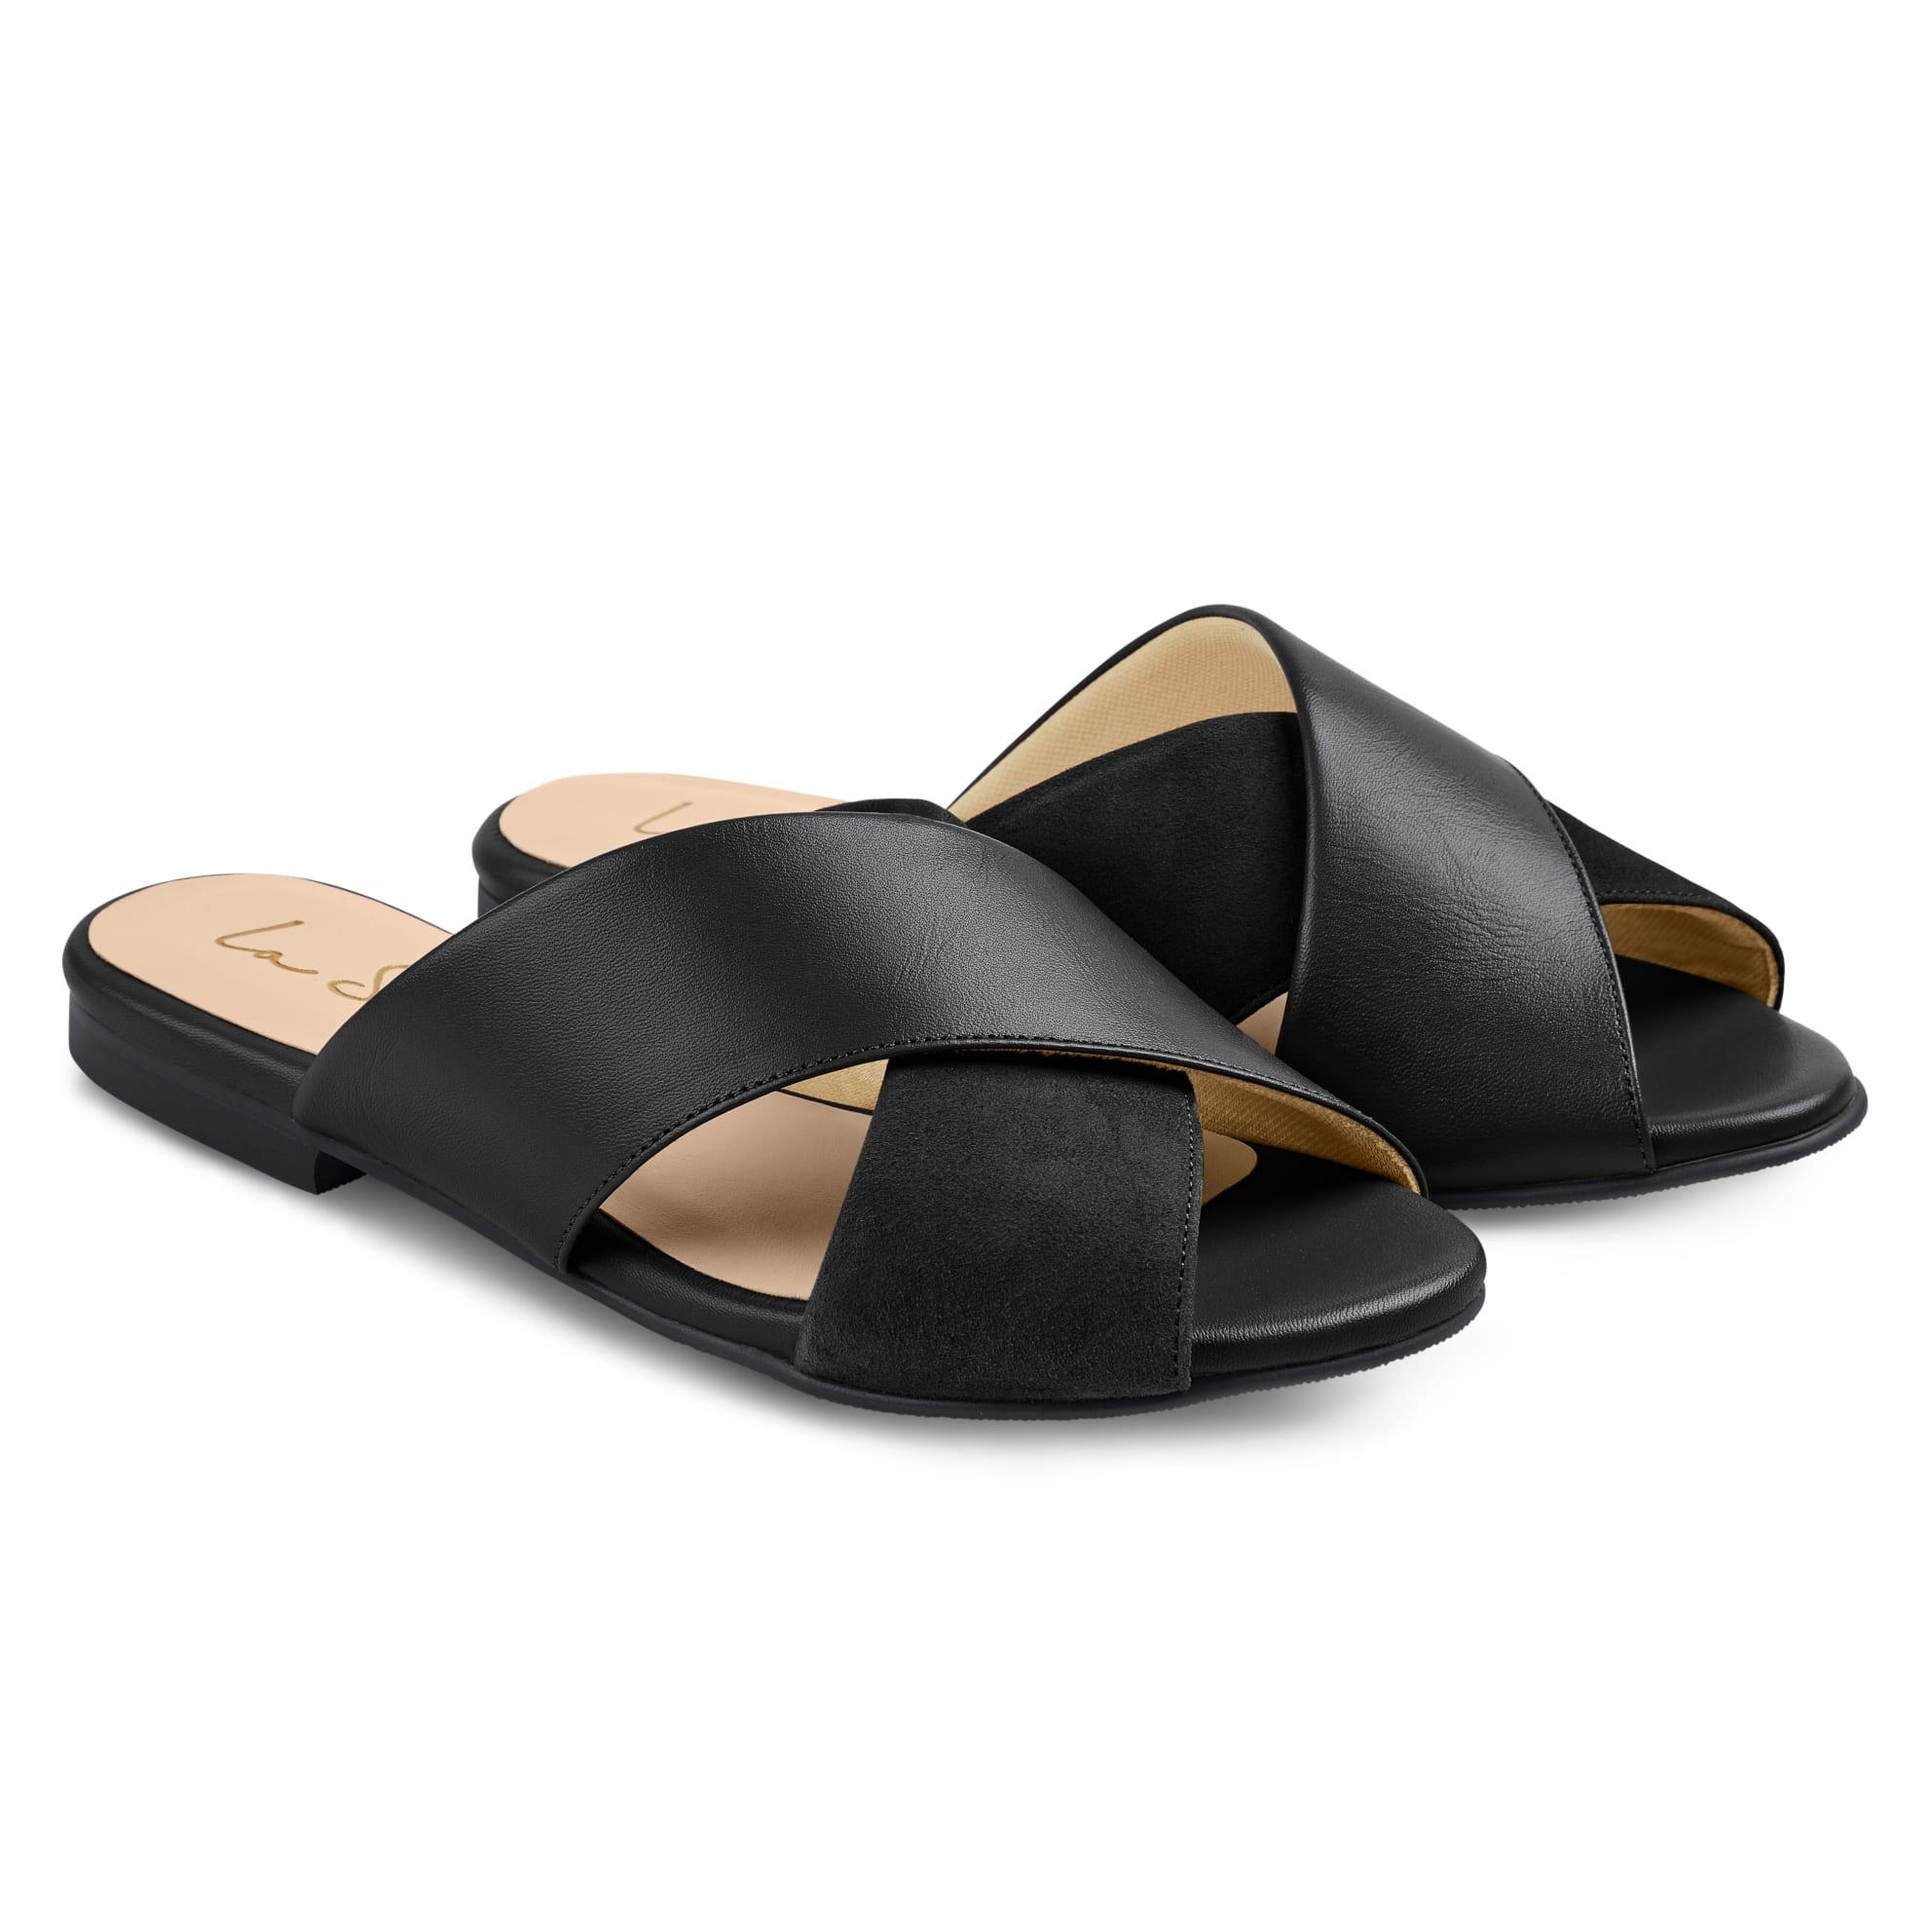 Pantolette Materialmix Schwarz – modischer und bequemer Schuh für Hallux valgus und empfindliche Füße von LaShoe.de